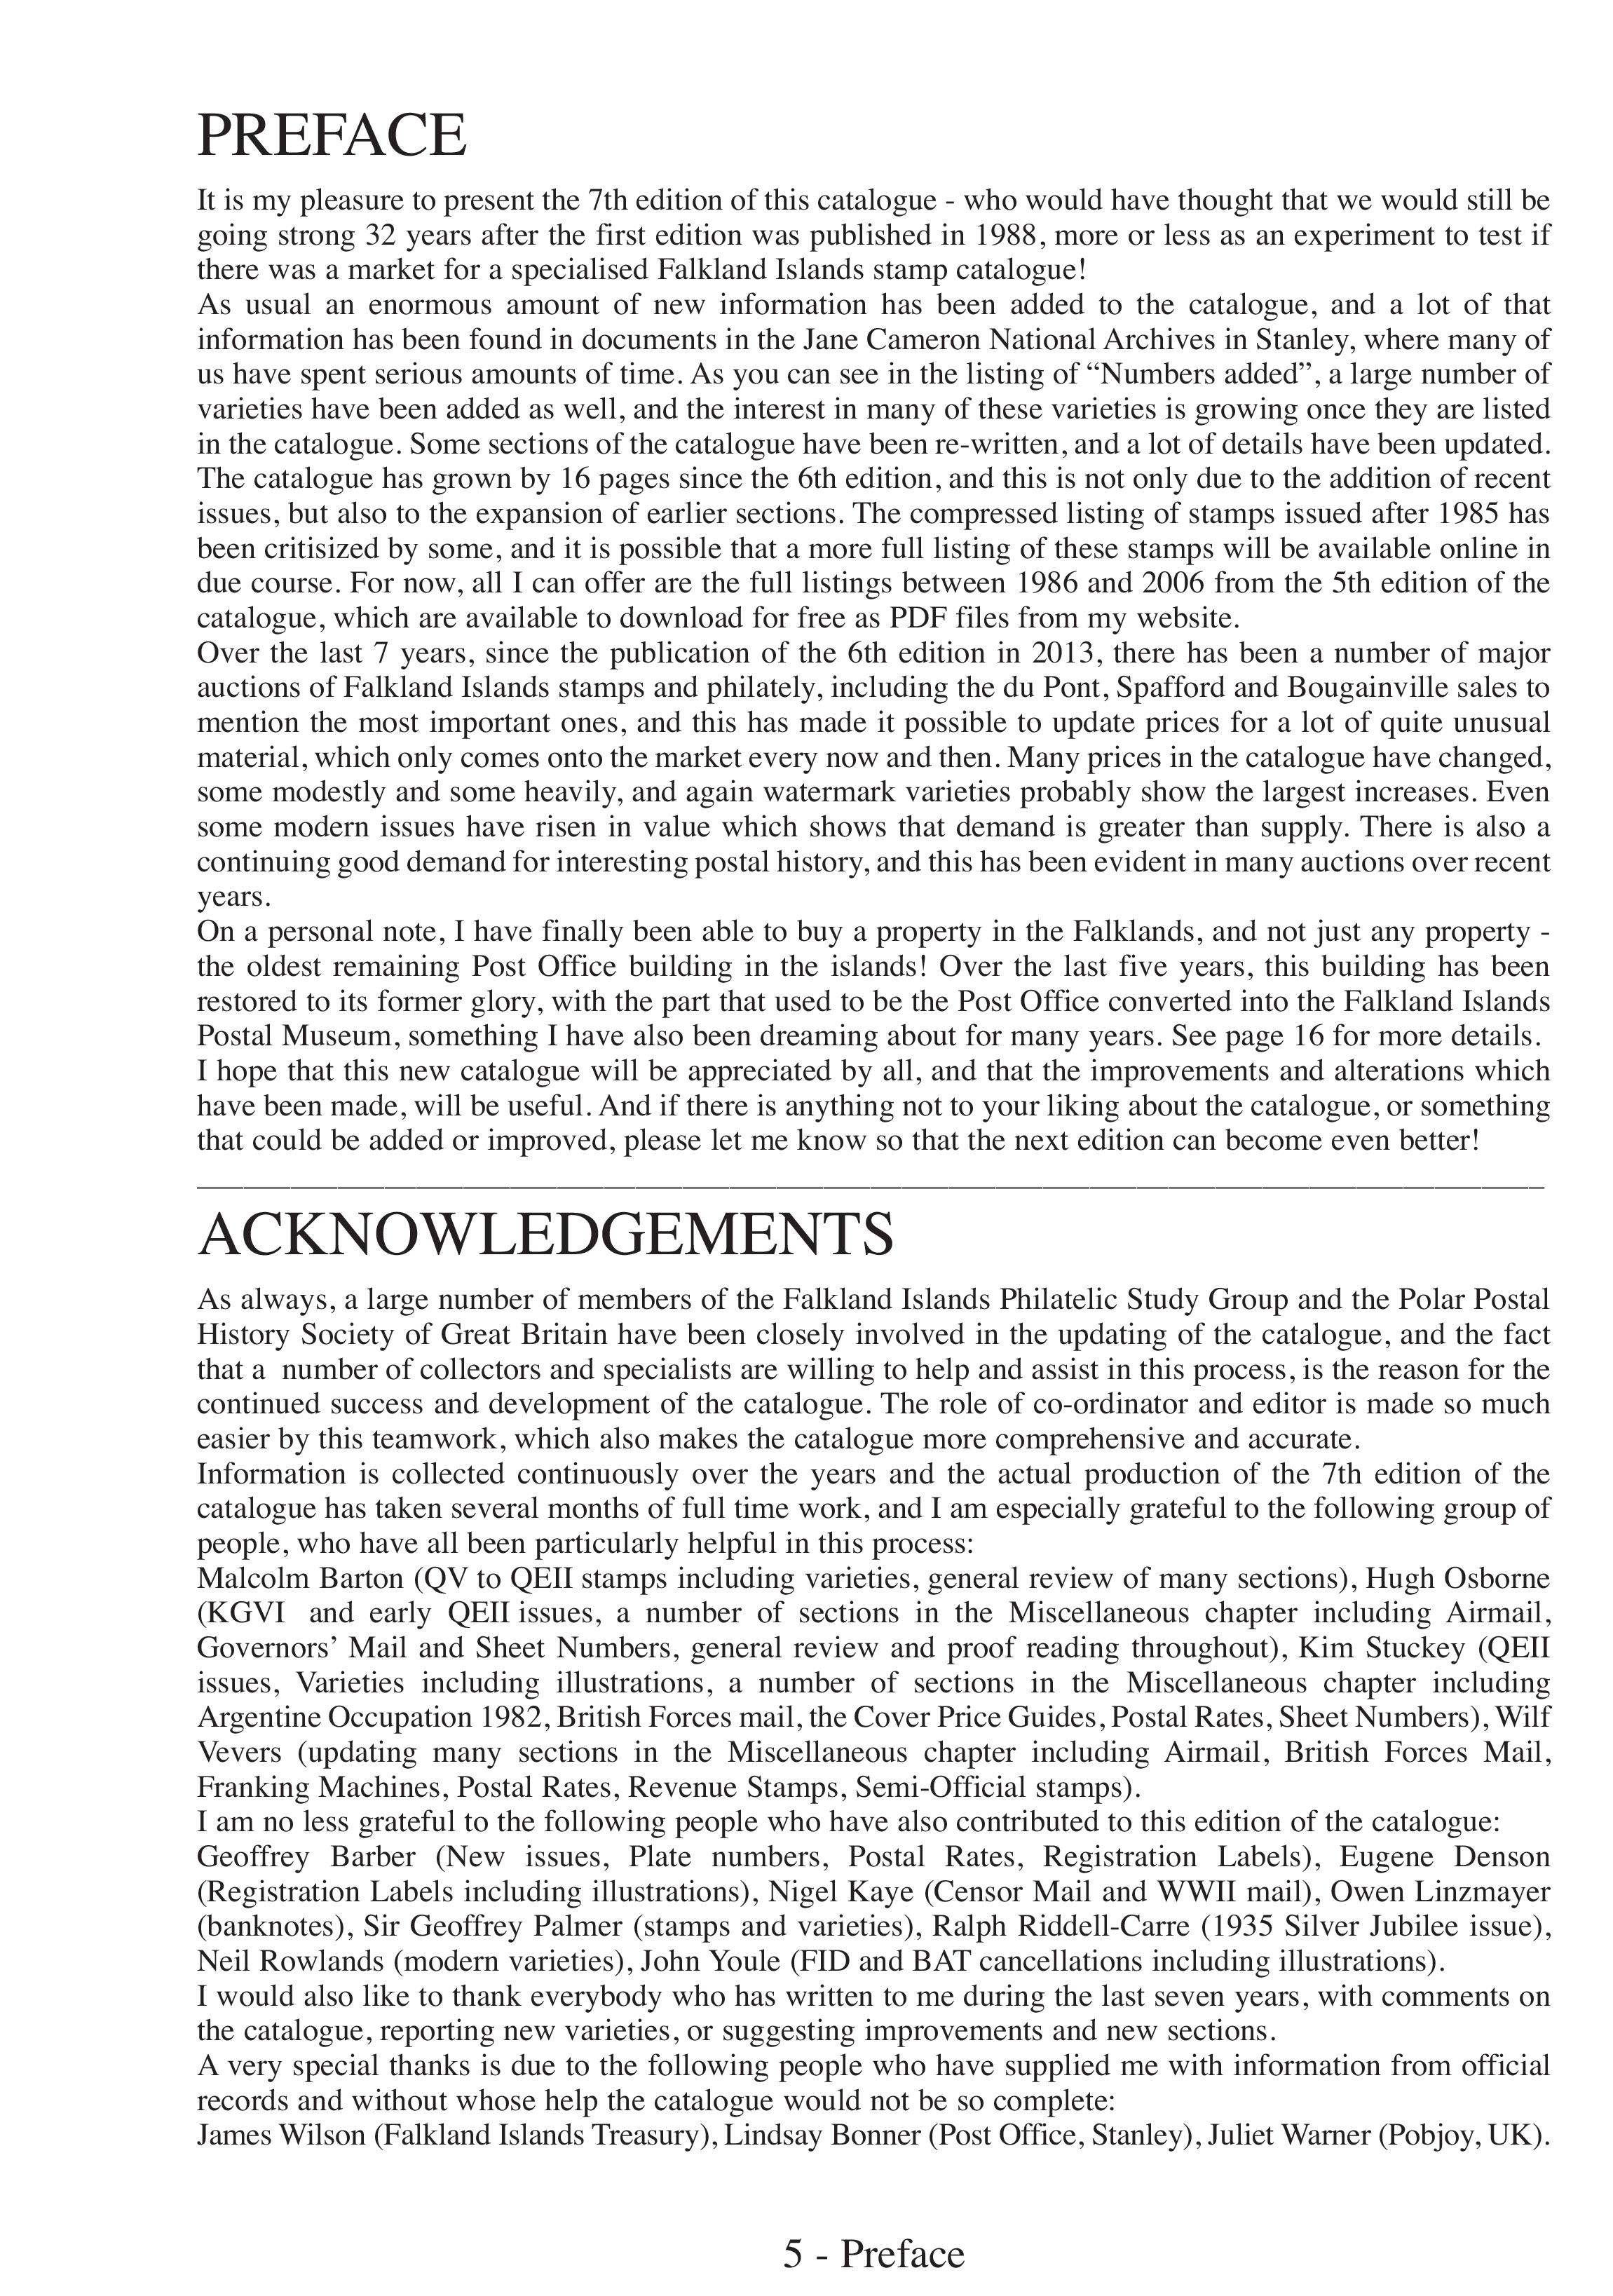 Falkland Islands & Dependencies 1800-2020 7th Edition